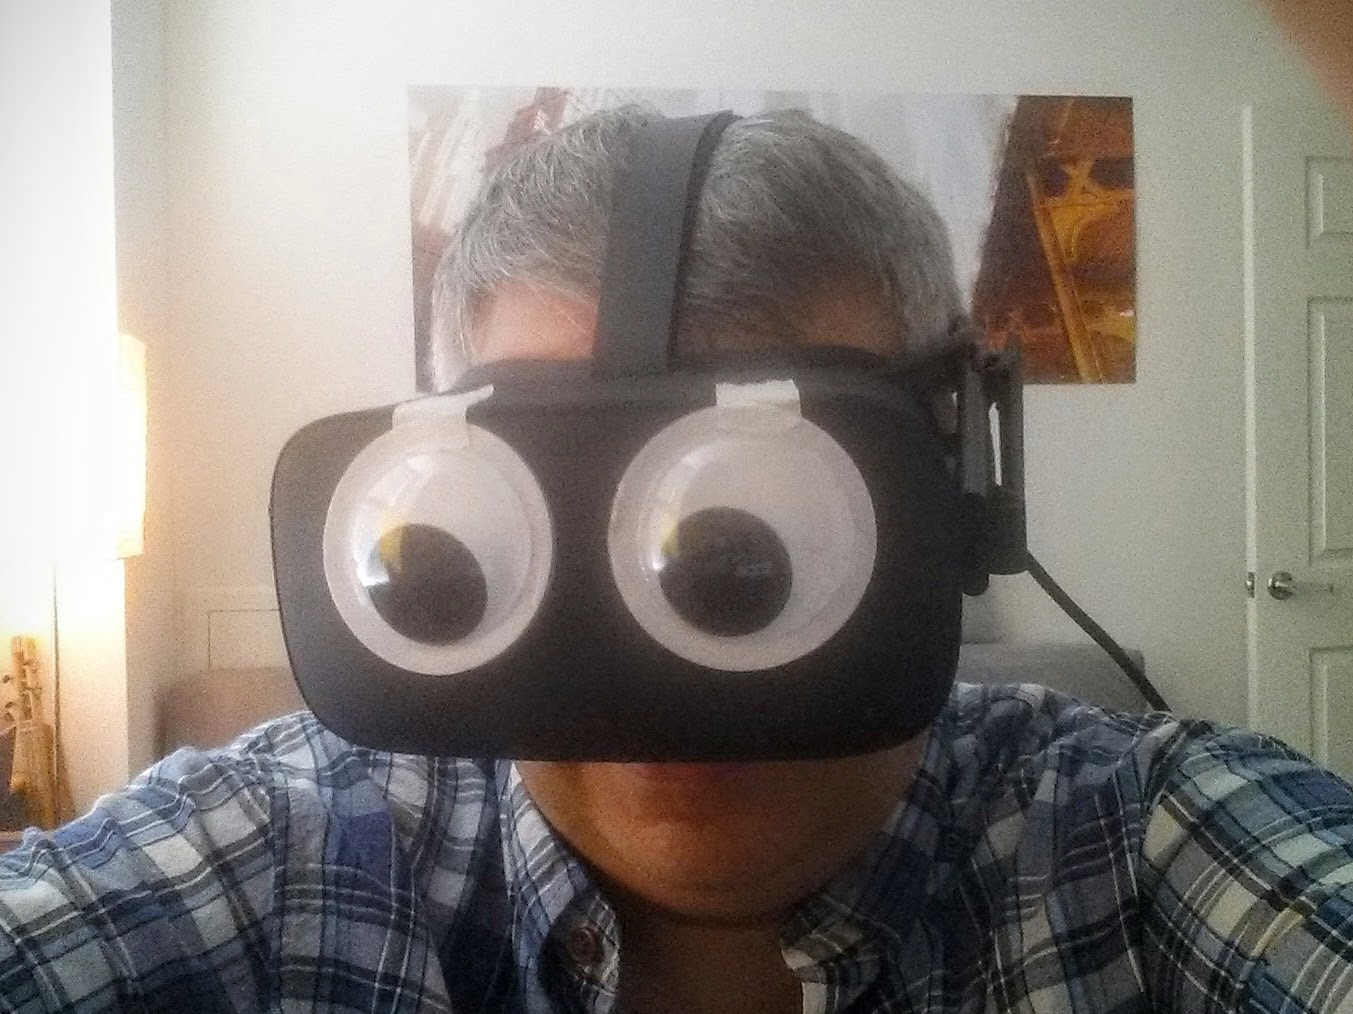 Oculus Rift User